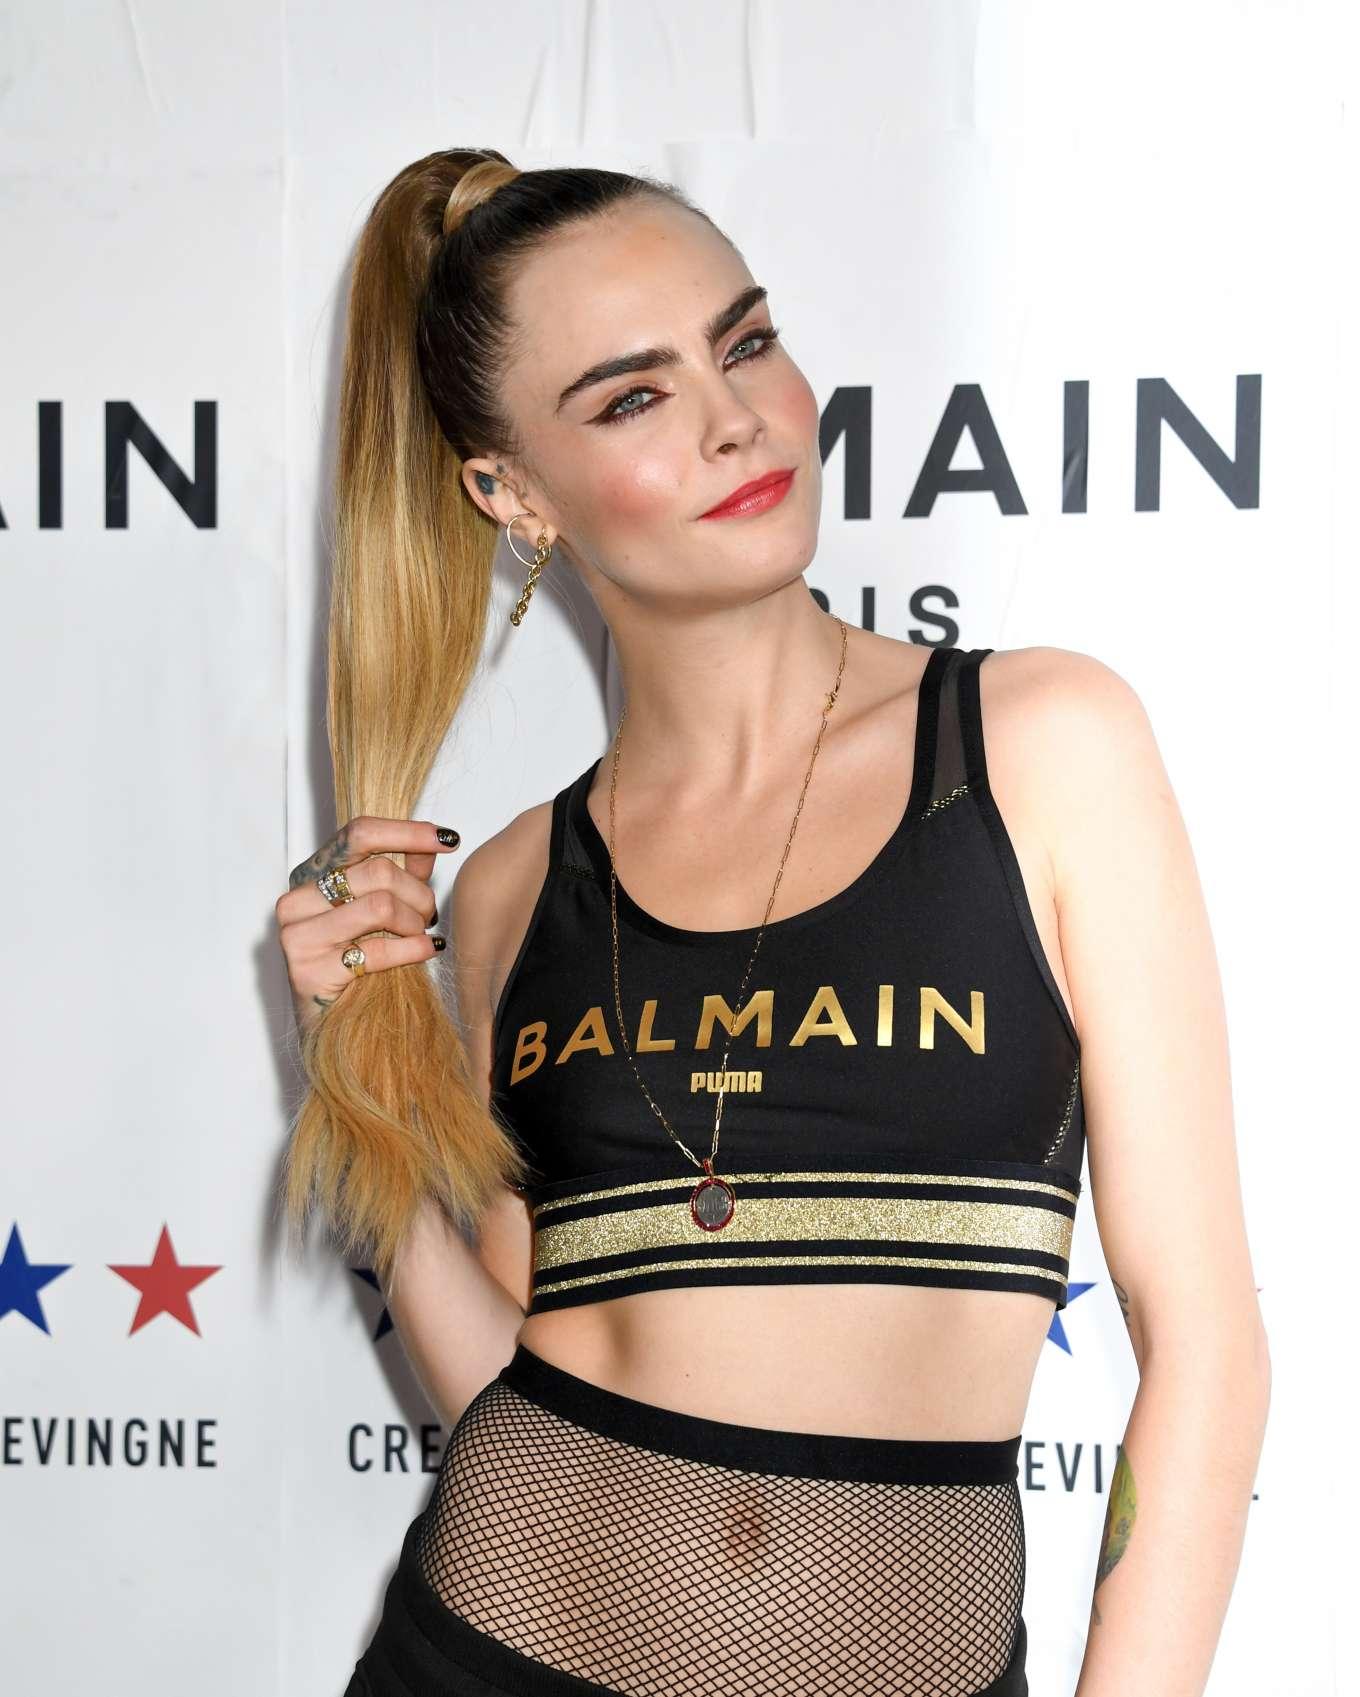 Cara Delevingne 2019 : Cara Delevingne – PUMA x Balmain Launch Event-04